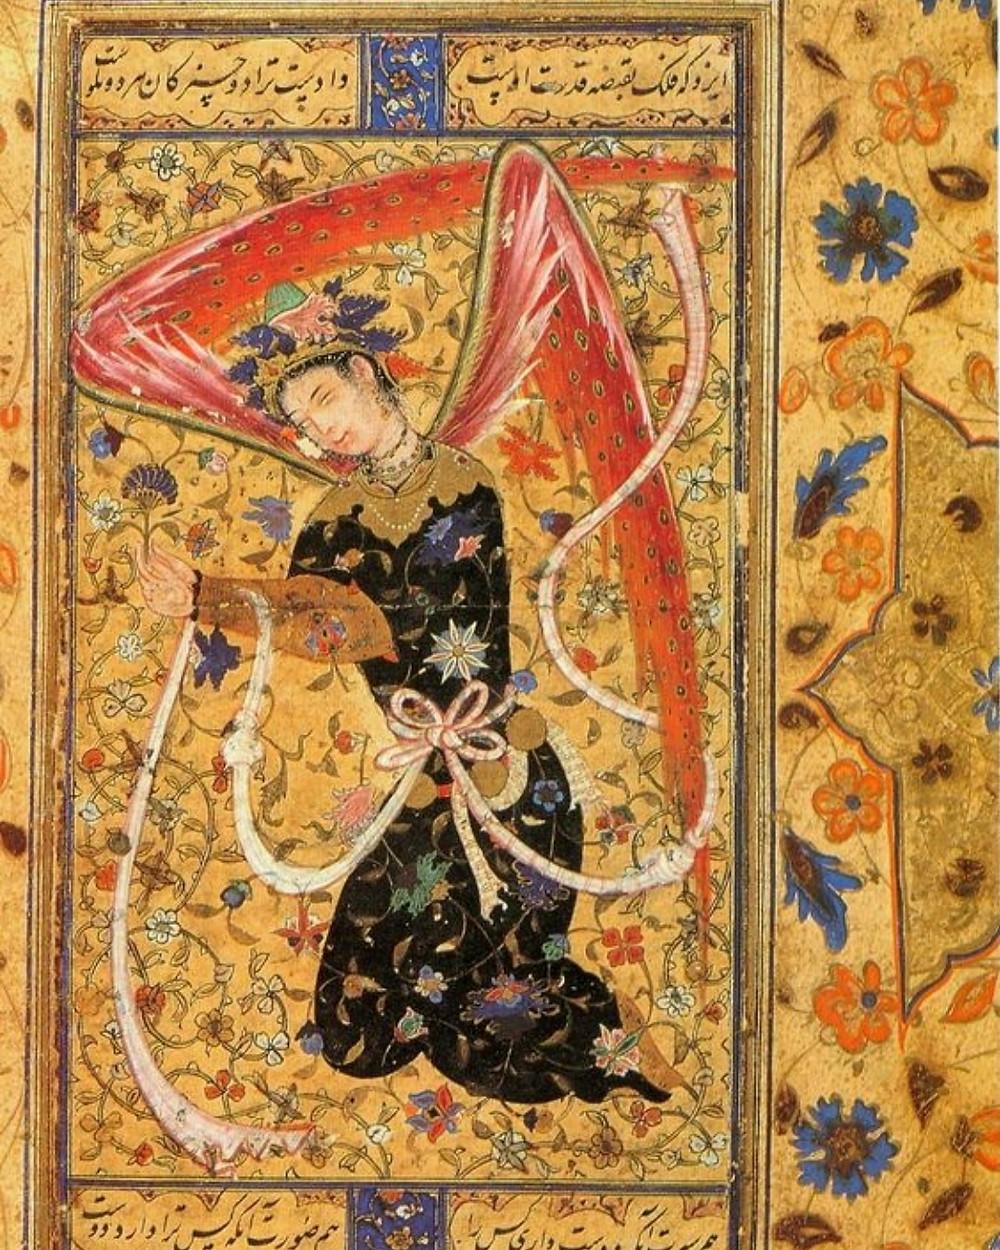 Vers 1555, 18,1x10,2cm, The British Museum